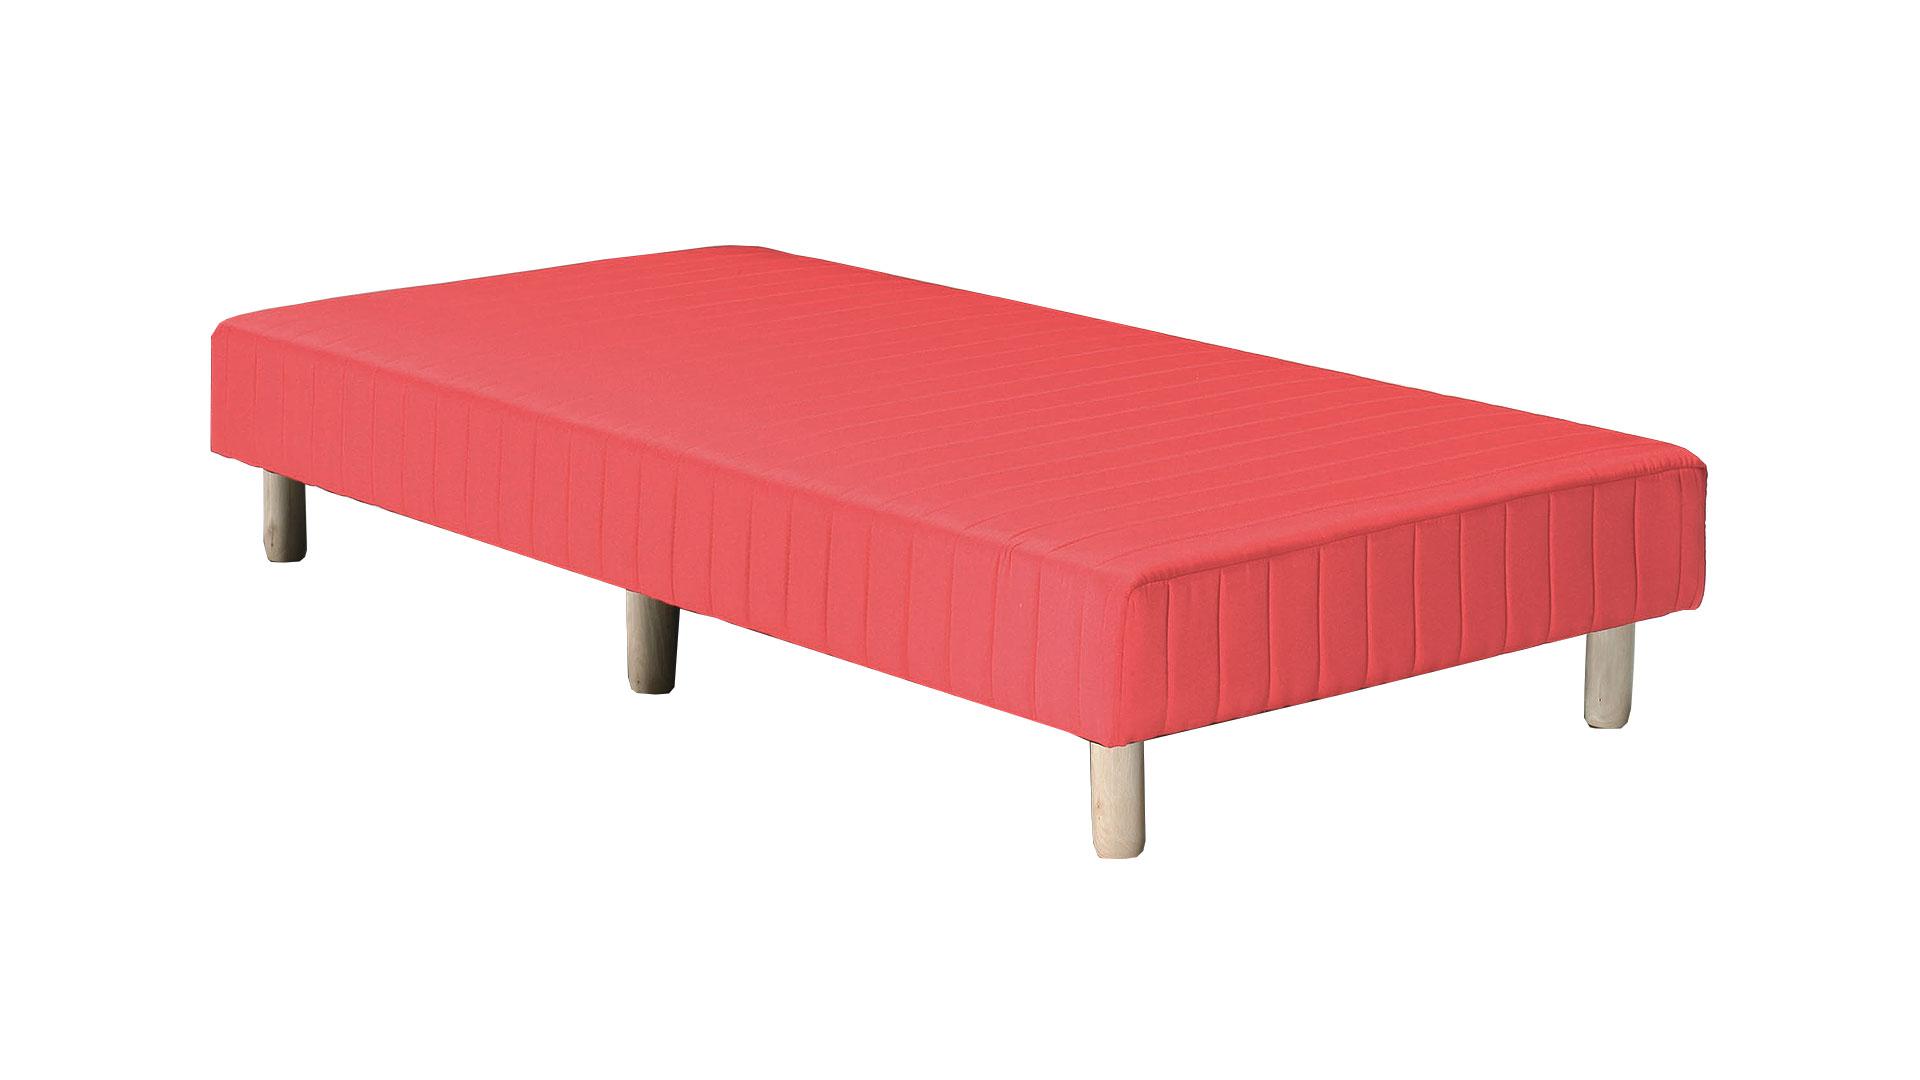 赤のシングルサイズの脚付きマットレスベッド、ボトムベッドの画像